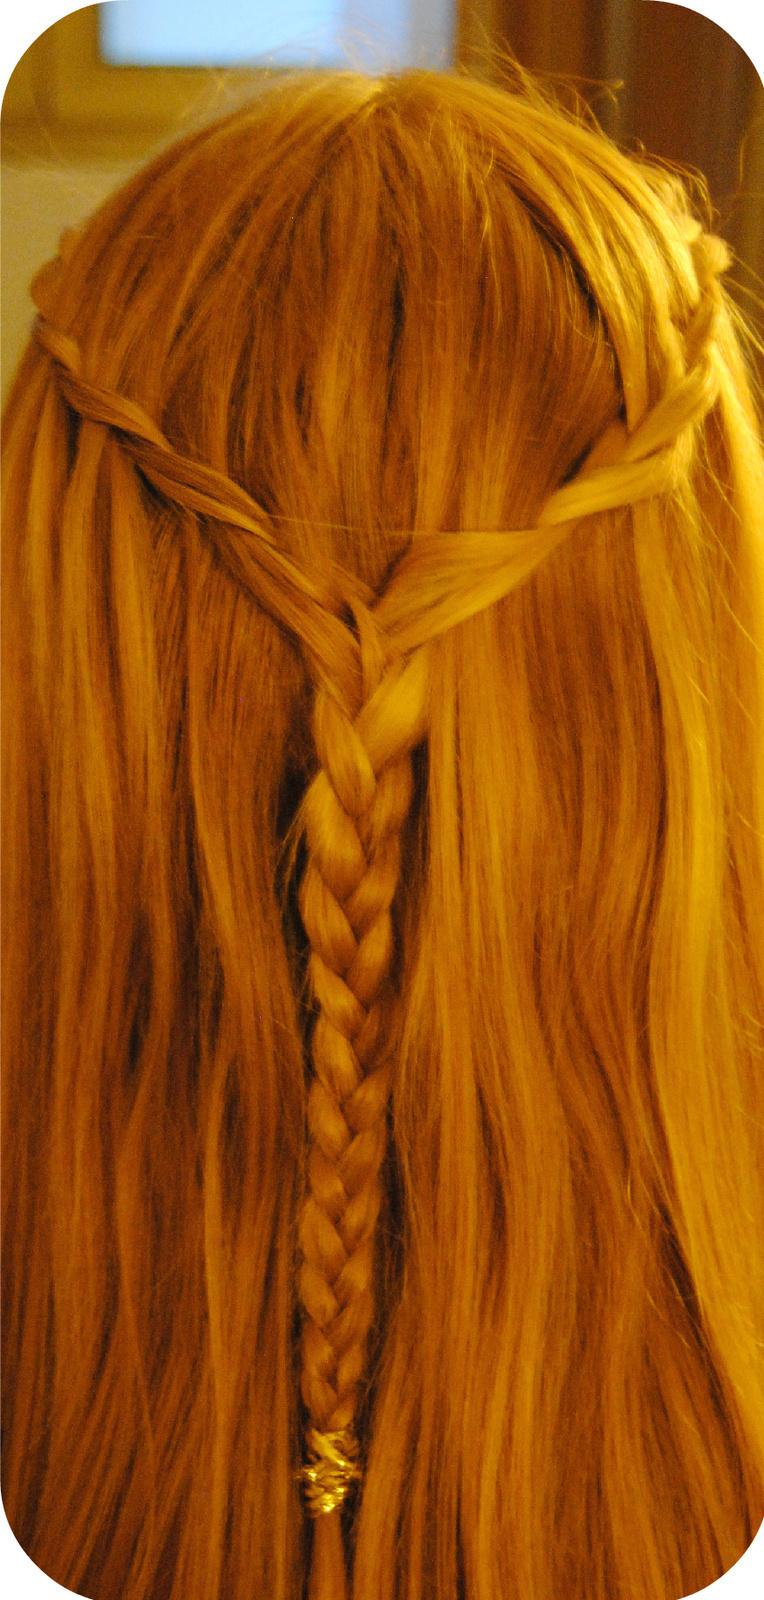 Fairytale Braid Easy 183 How To Style A Braid Plait